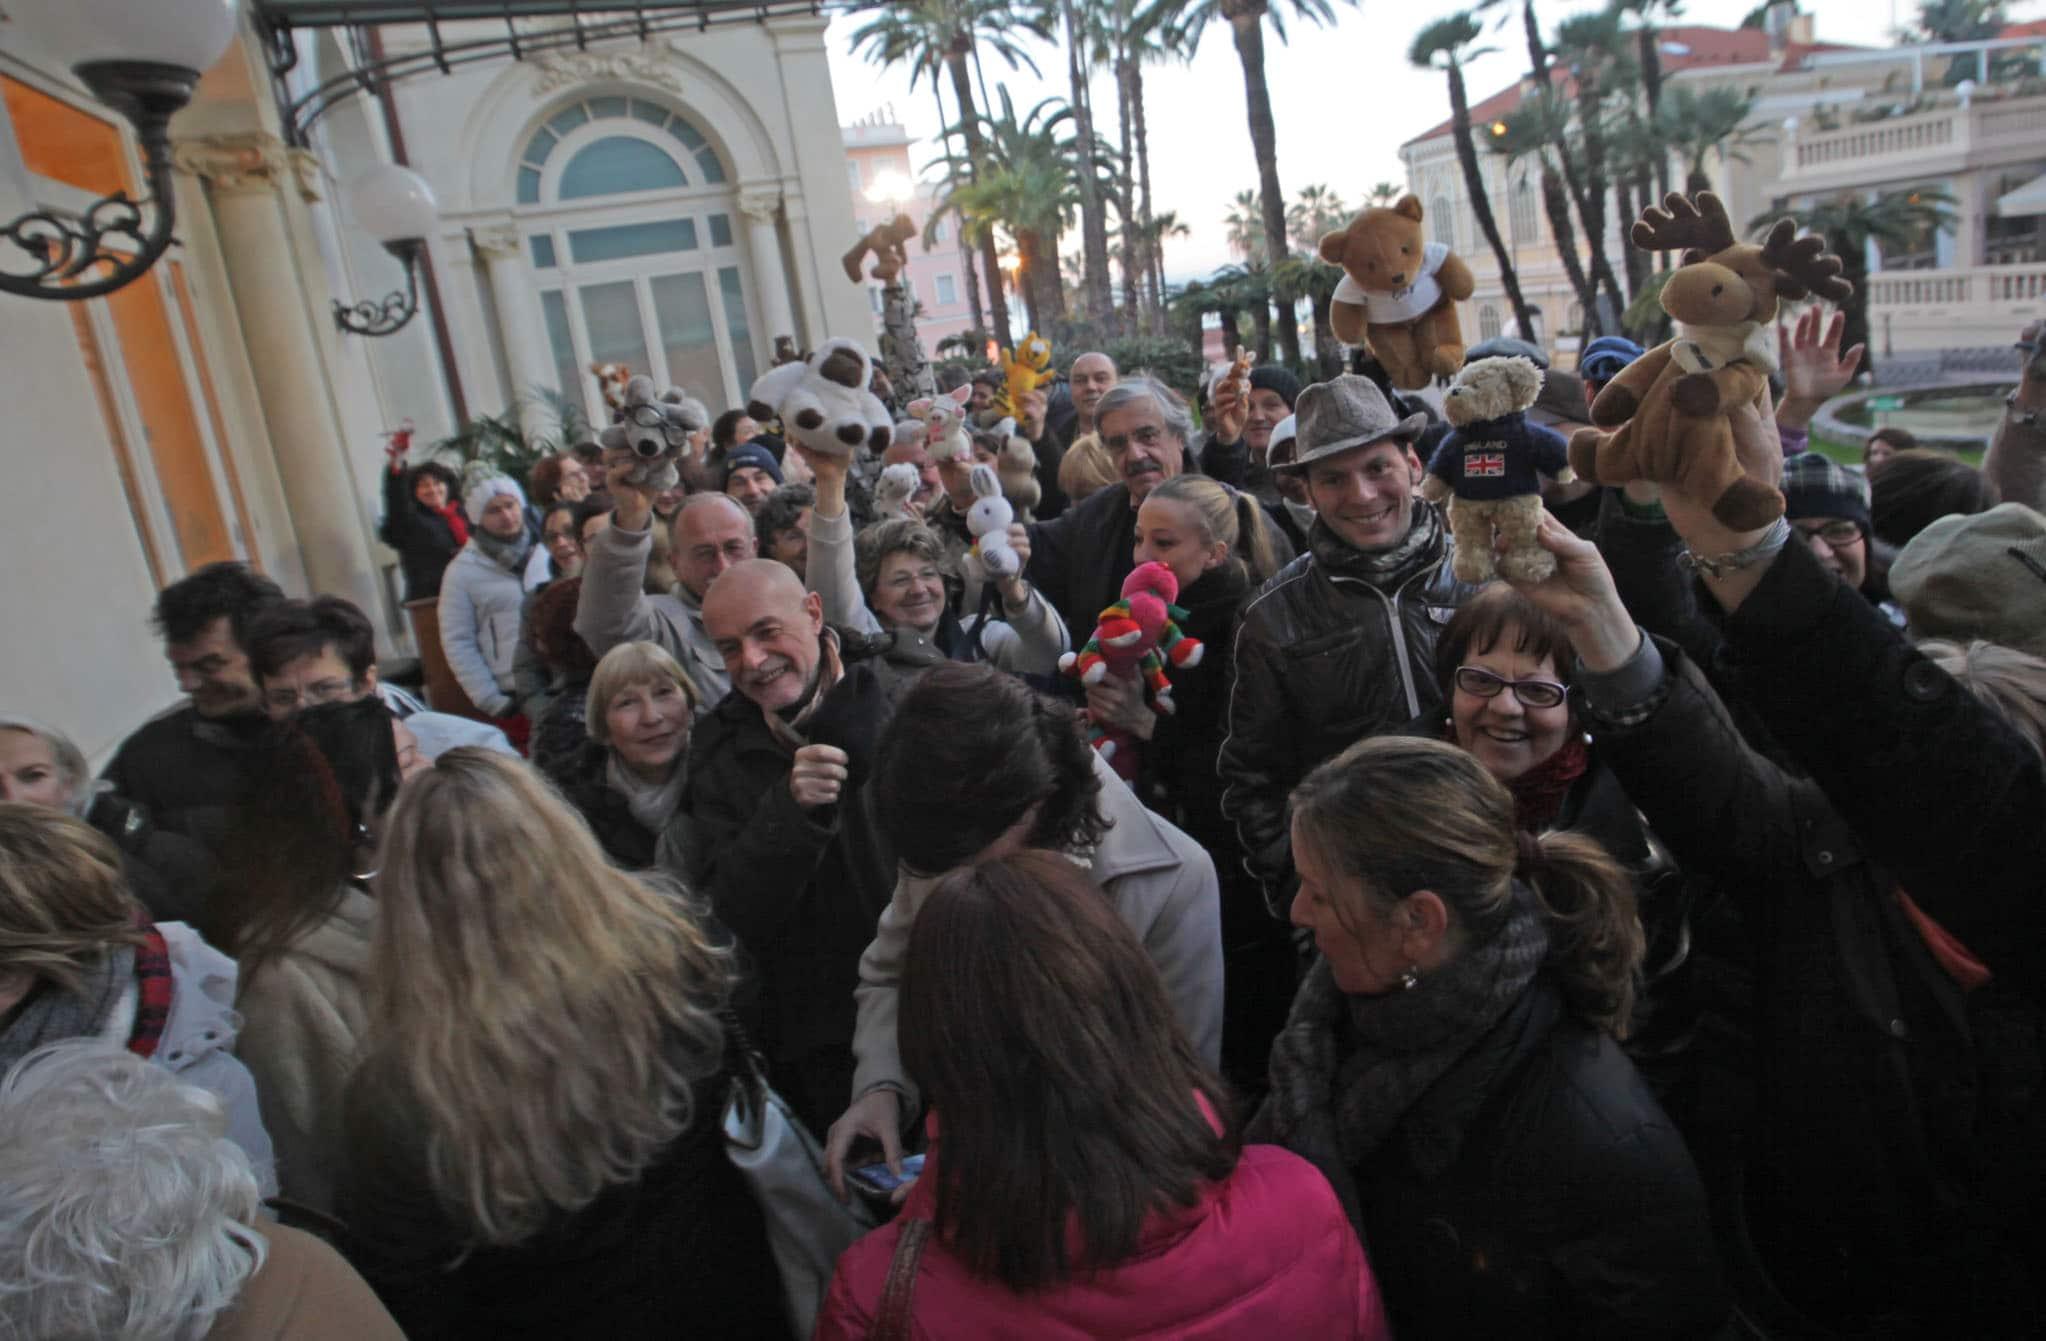 Più di duecentocinquanta fans assiepati al Teatro dell'Opera del Casinò di Sanremo per tributare un bagno d'affetto e di folla ai beniamini dell'evento radiofonico.